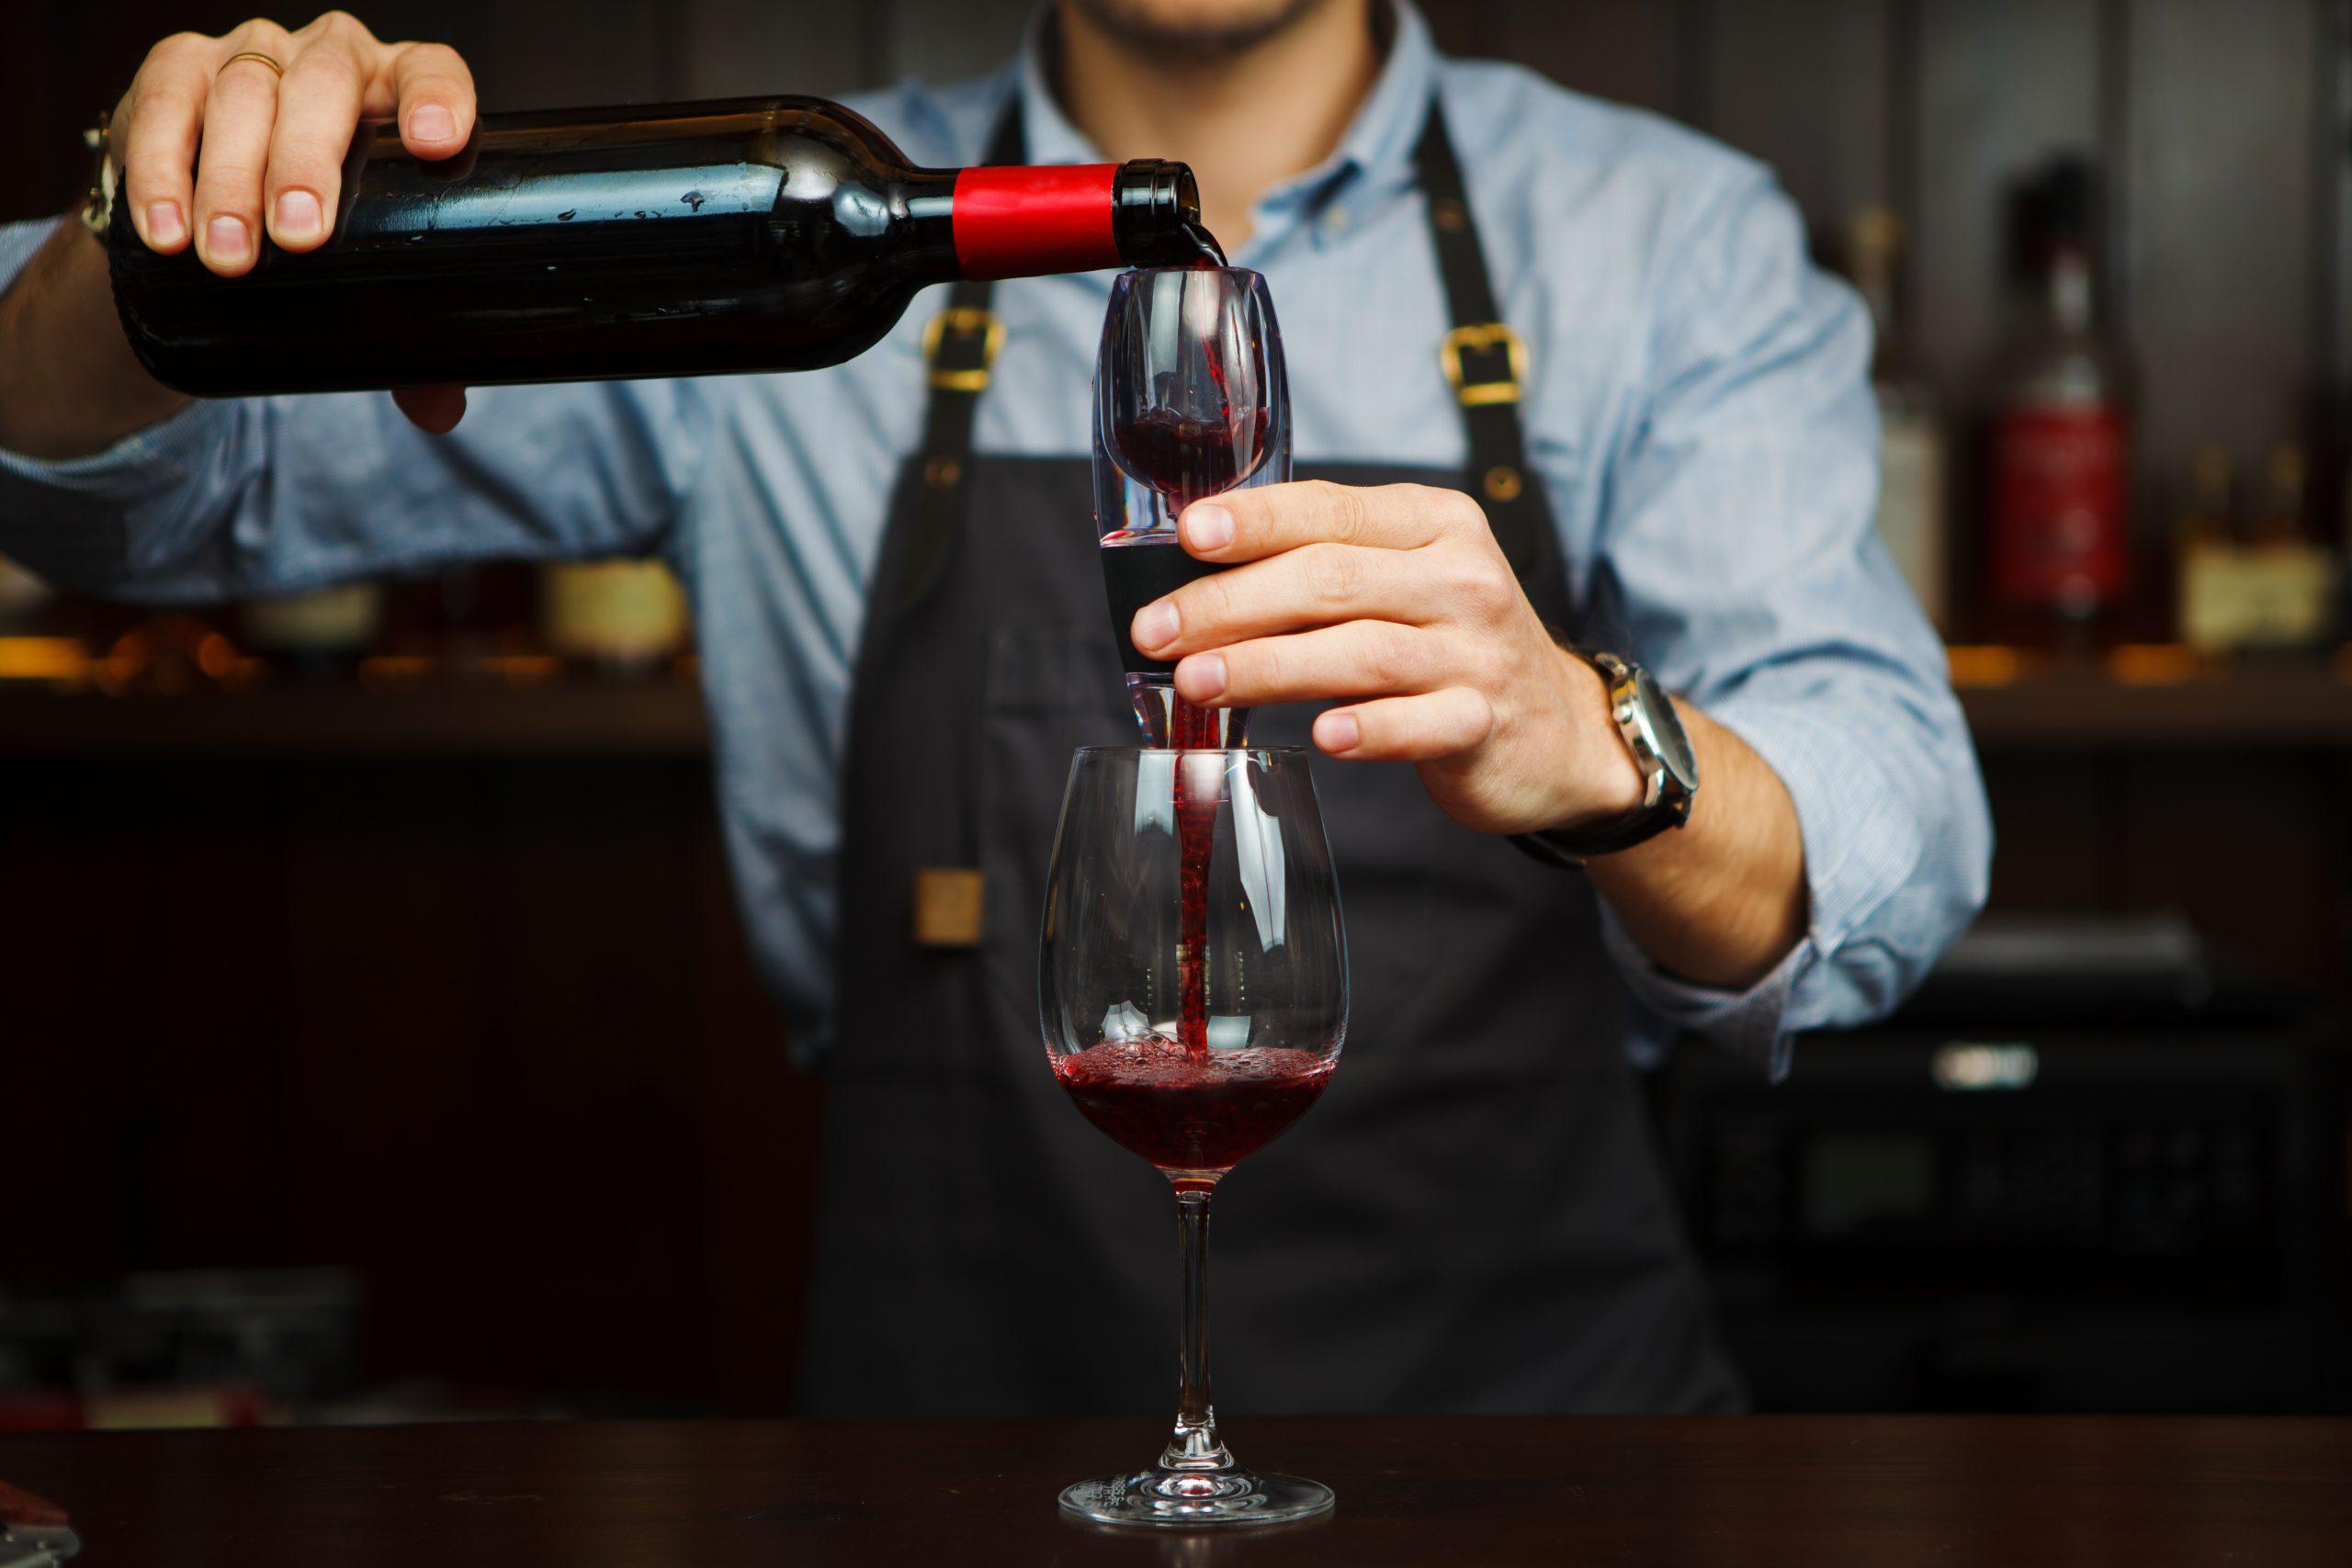 ワインを手軽にグレードアップさせるグッズ「エアレーター」の役割